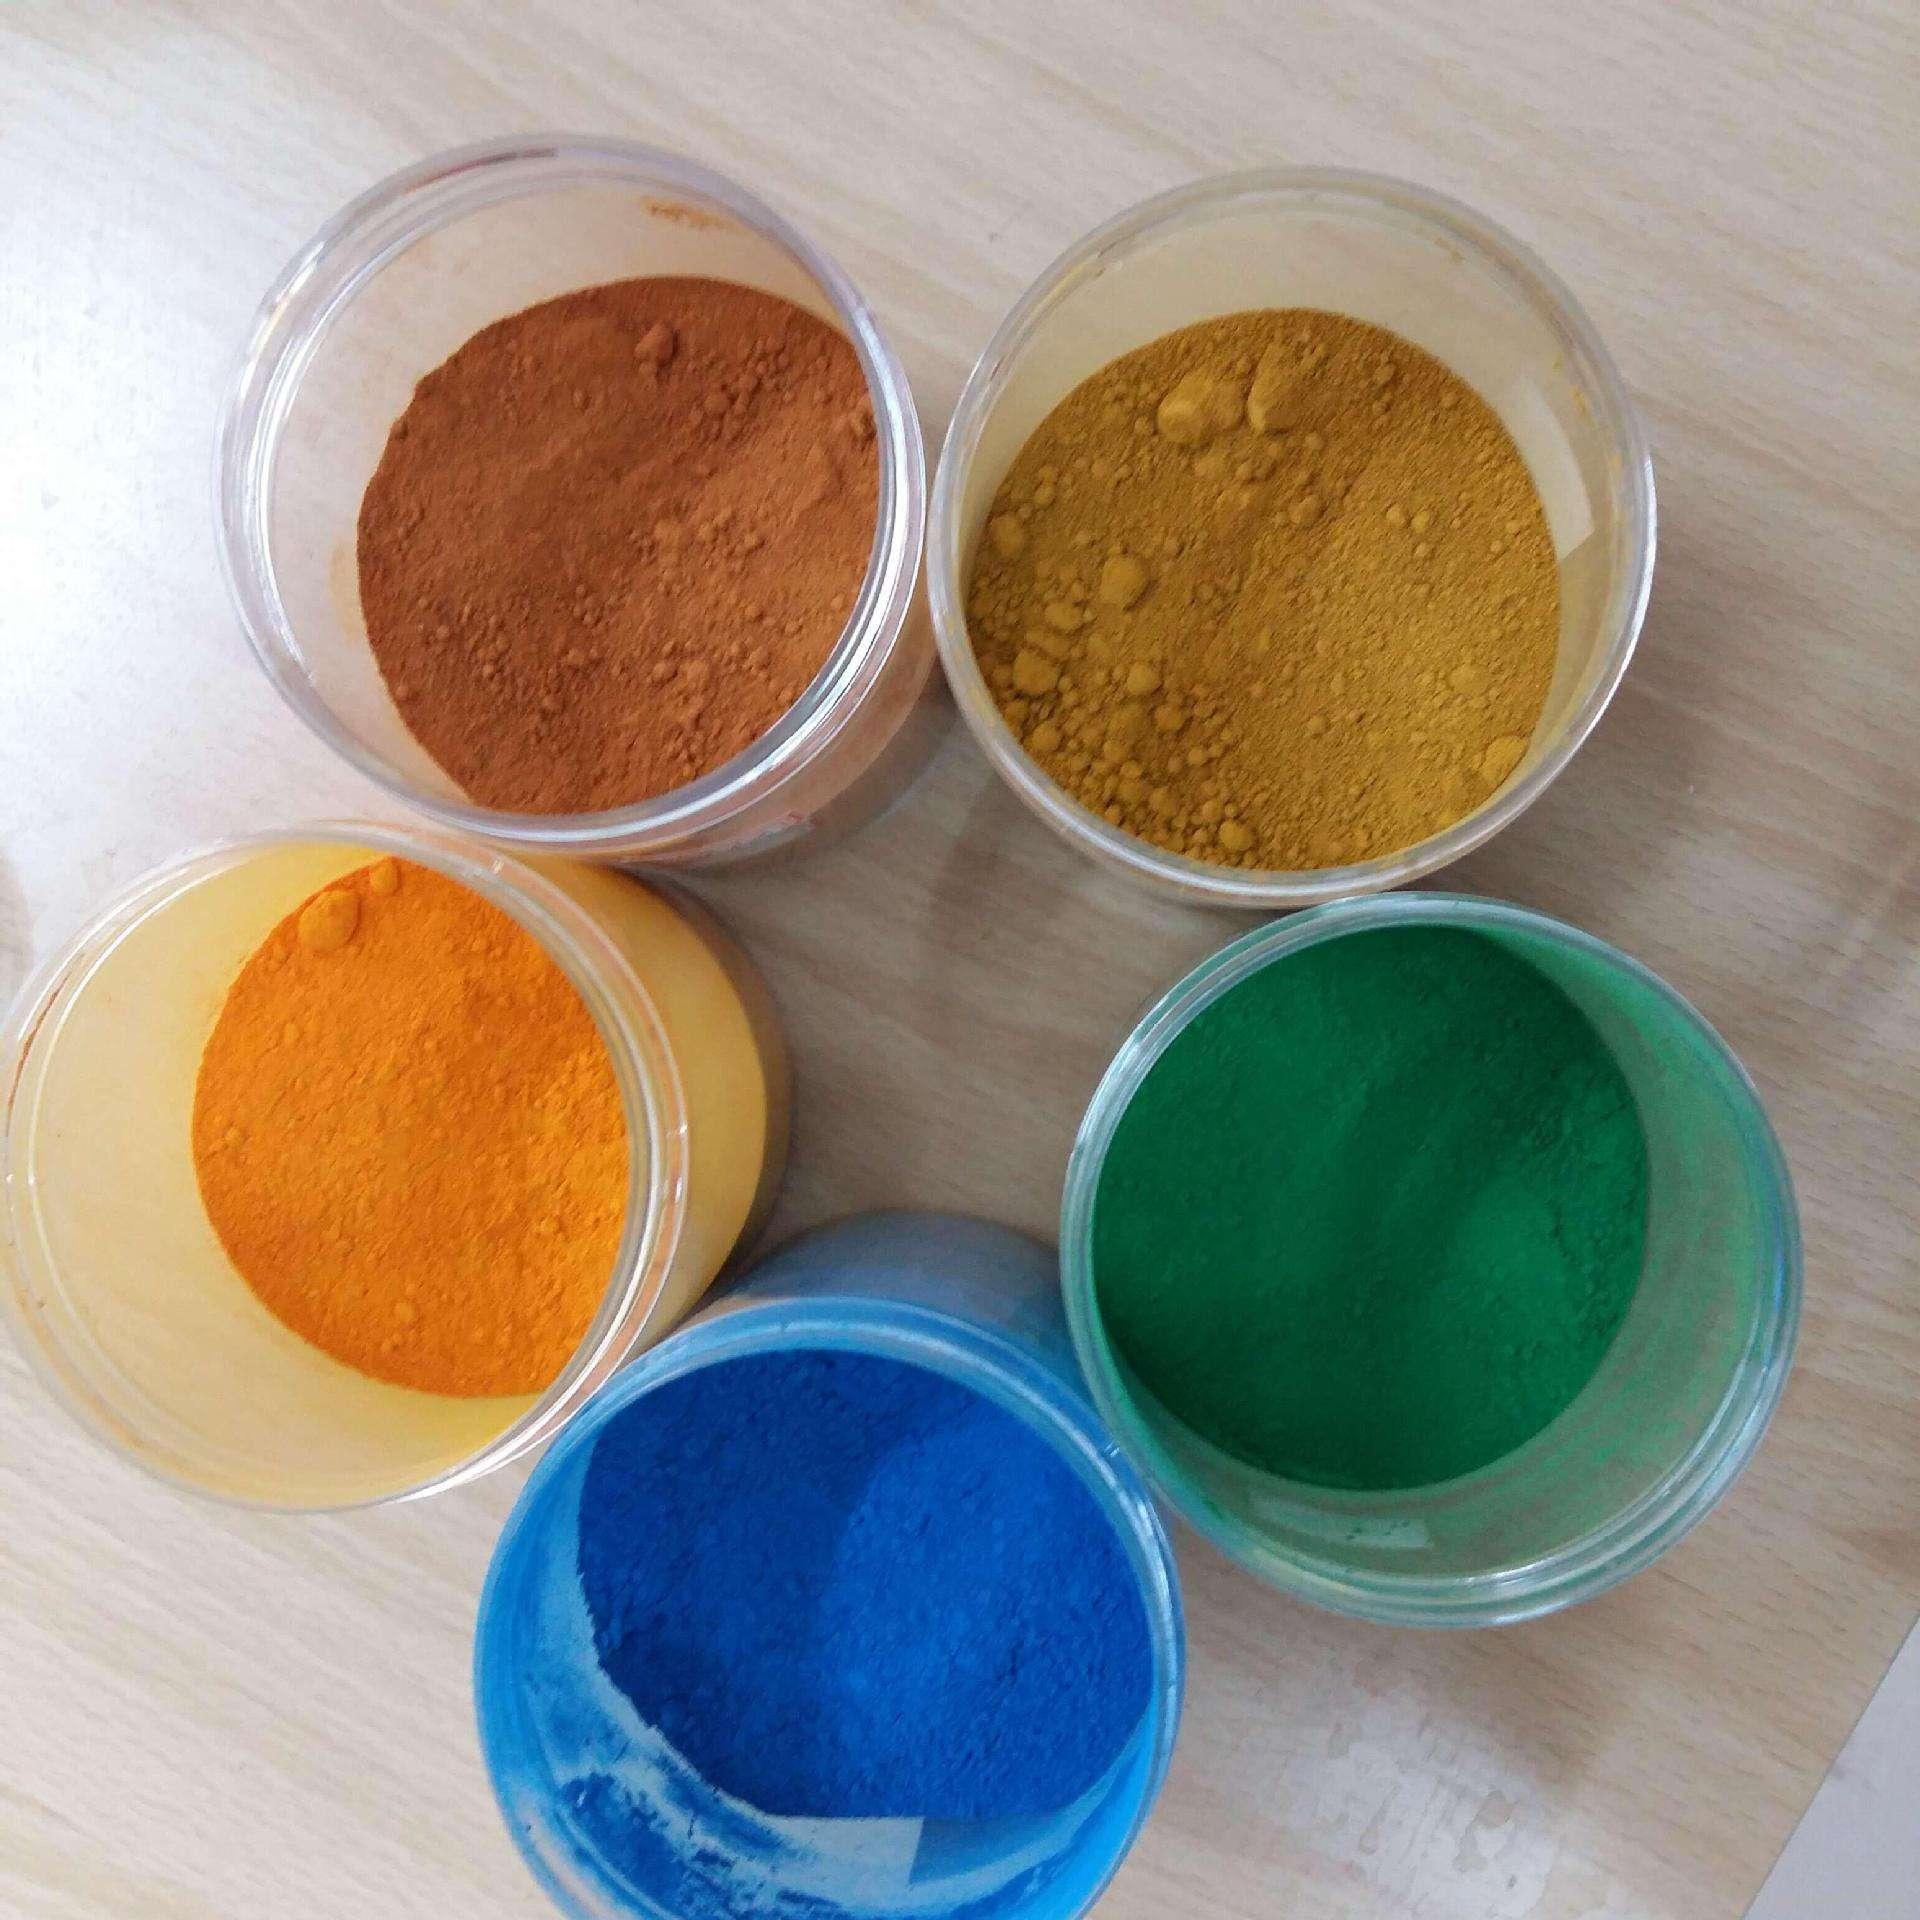 氧化铁色粉